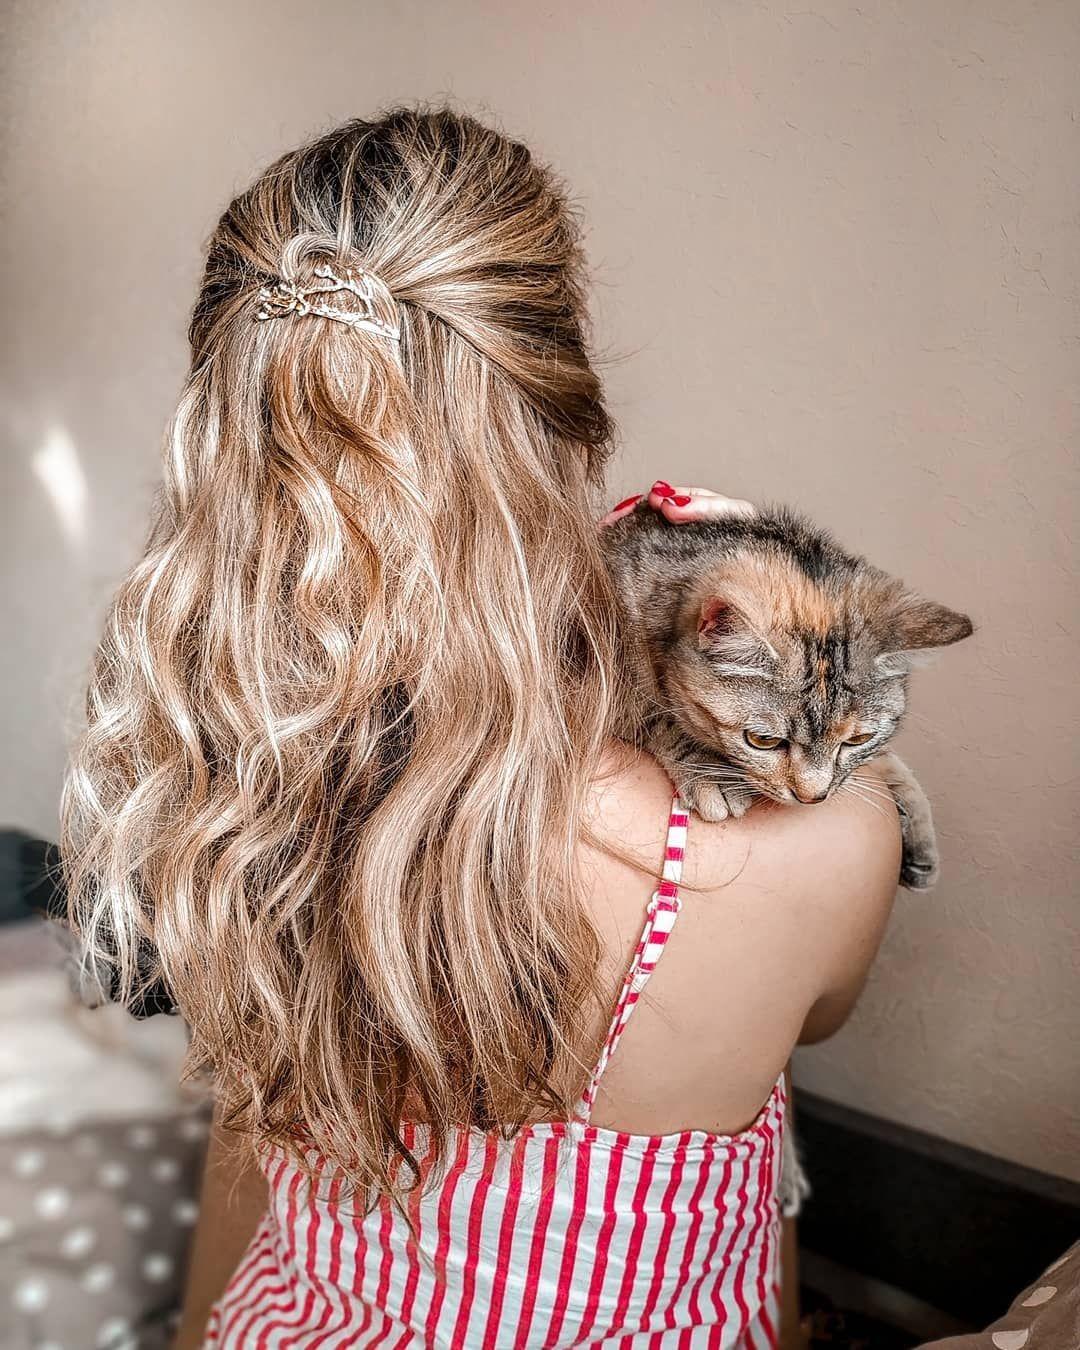 Sladusik My Monday Home Cozy Hair Hairstyle Cat Winter Blondesandcookies Photo Likeforlikes Likeback Goodday Like Hair Styles Hair Blonde